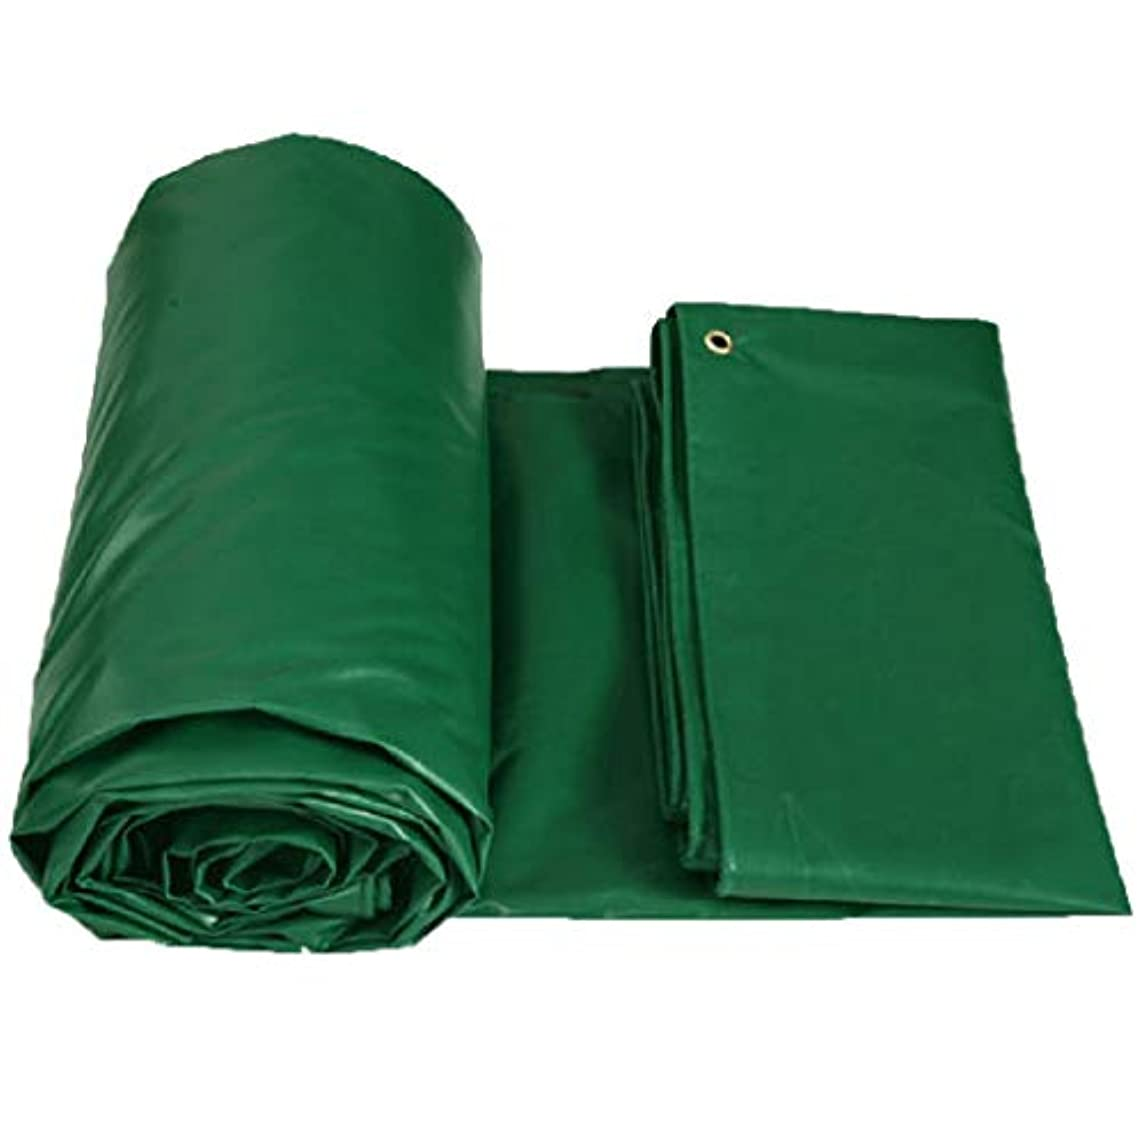 ラベンダー存在数学者ターポリン 緑 0.4mm 厚い PVC 防水 耐候性 UV耐性 柔らかい 防腐剤 絶縁 アウトドア タープ グランドシートカバー 450g / M2